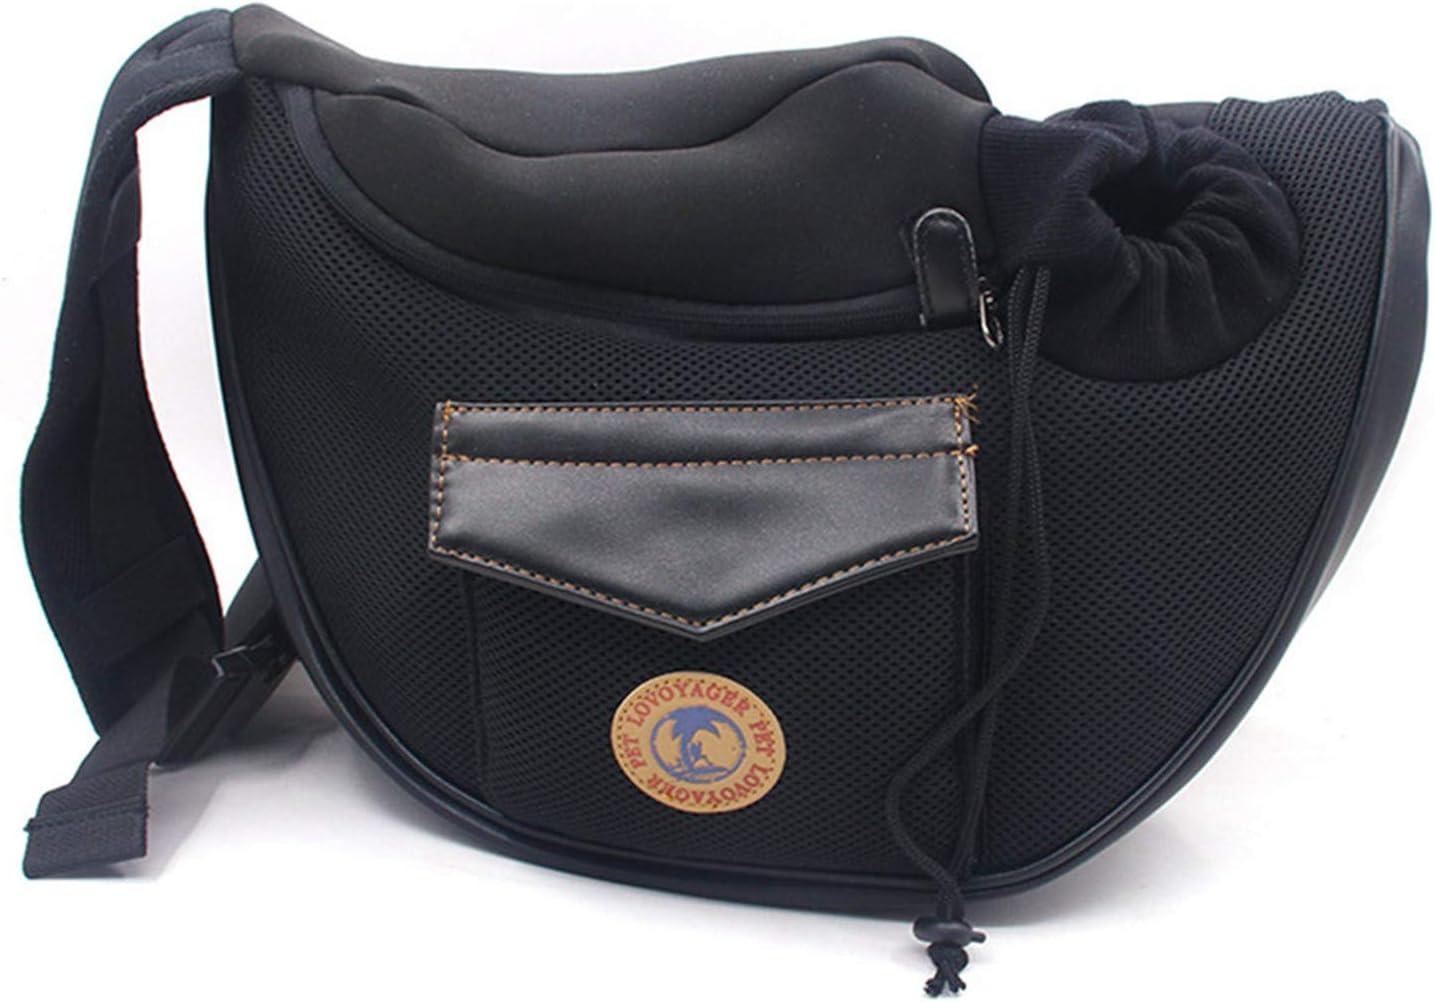 Crafttable Pet Sling Carrier Bag Black Hands-Free Cat Sling Carrier Bag Adjustable Padded Strap Front Pouch Shoulder Bag